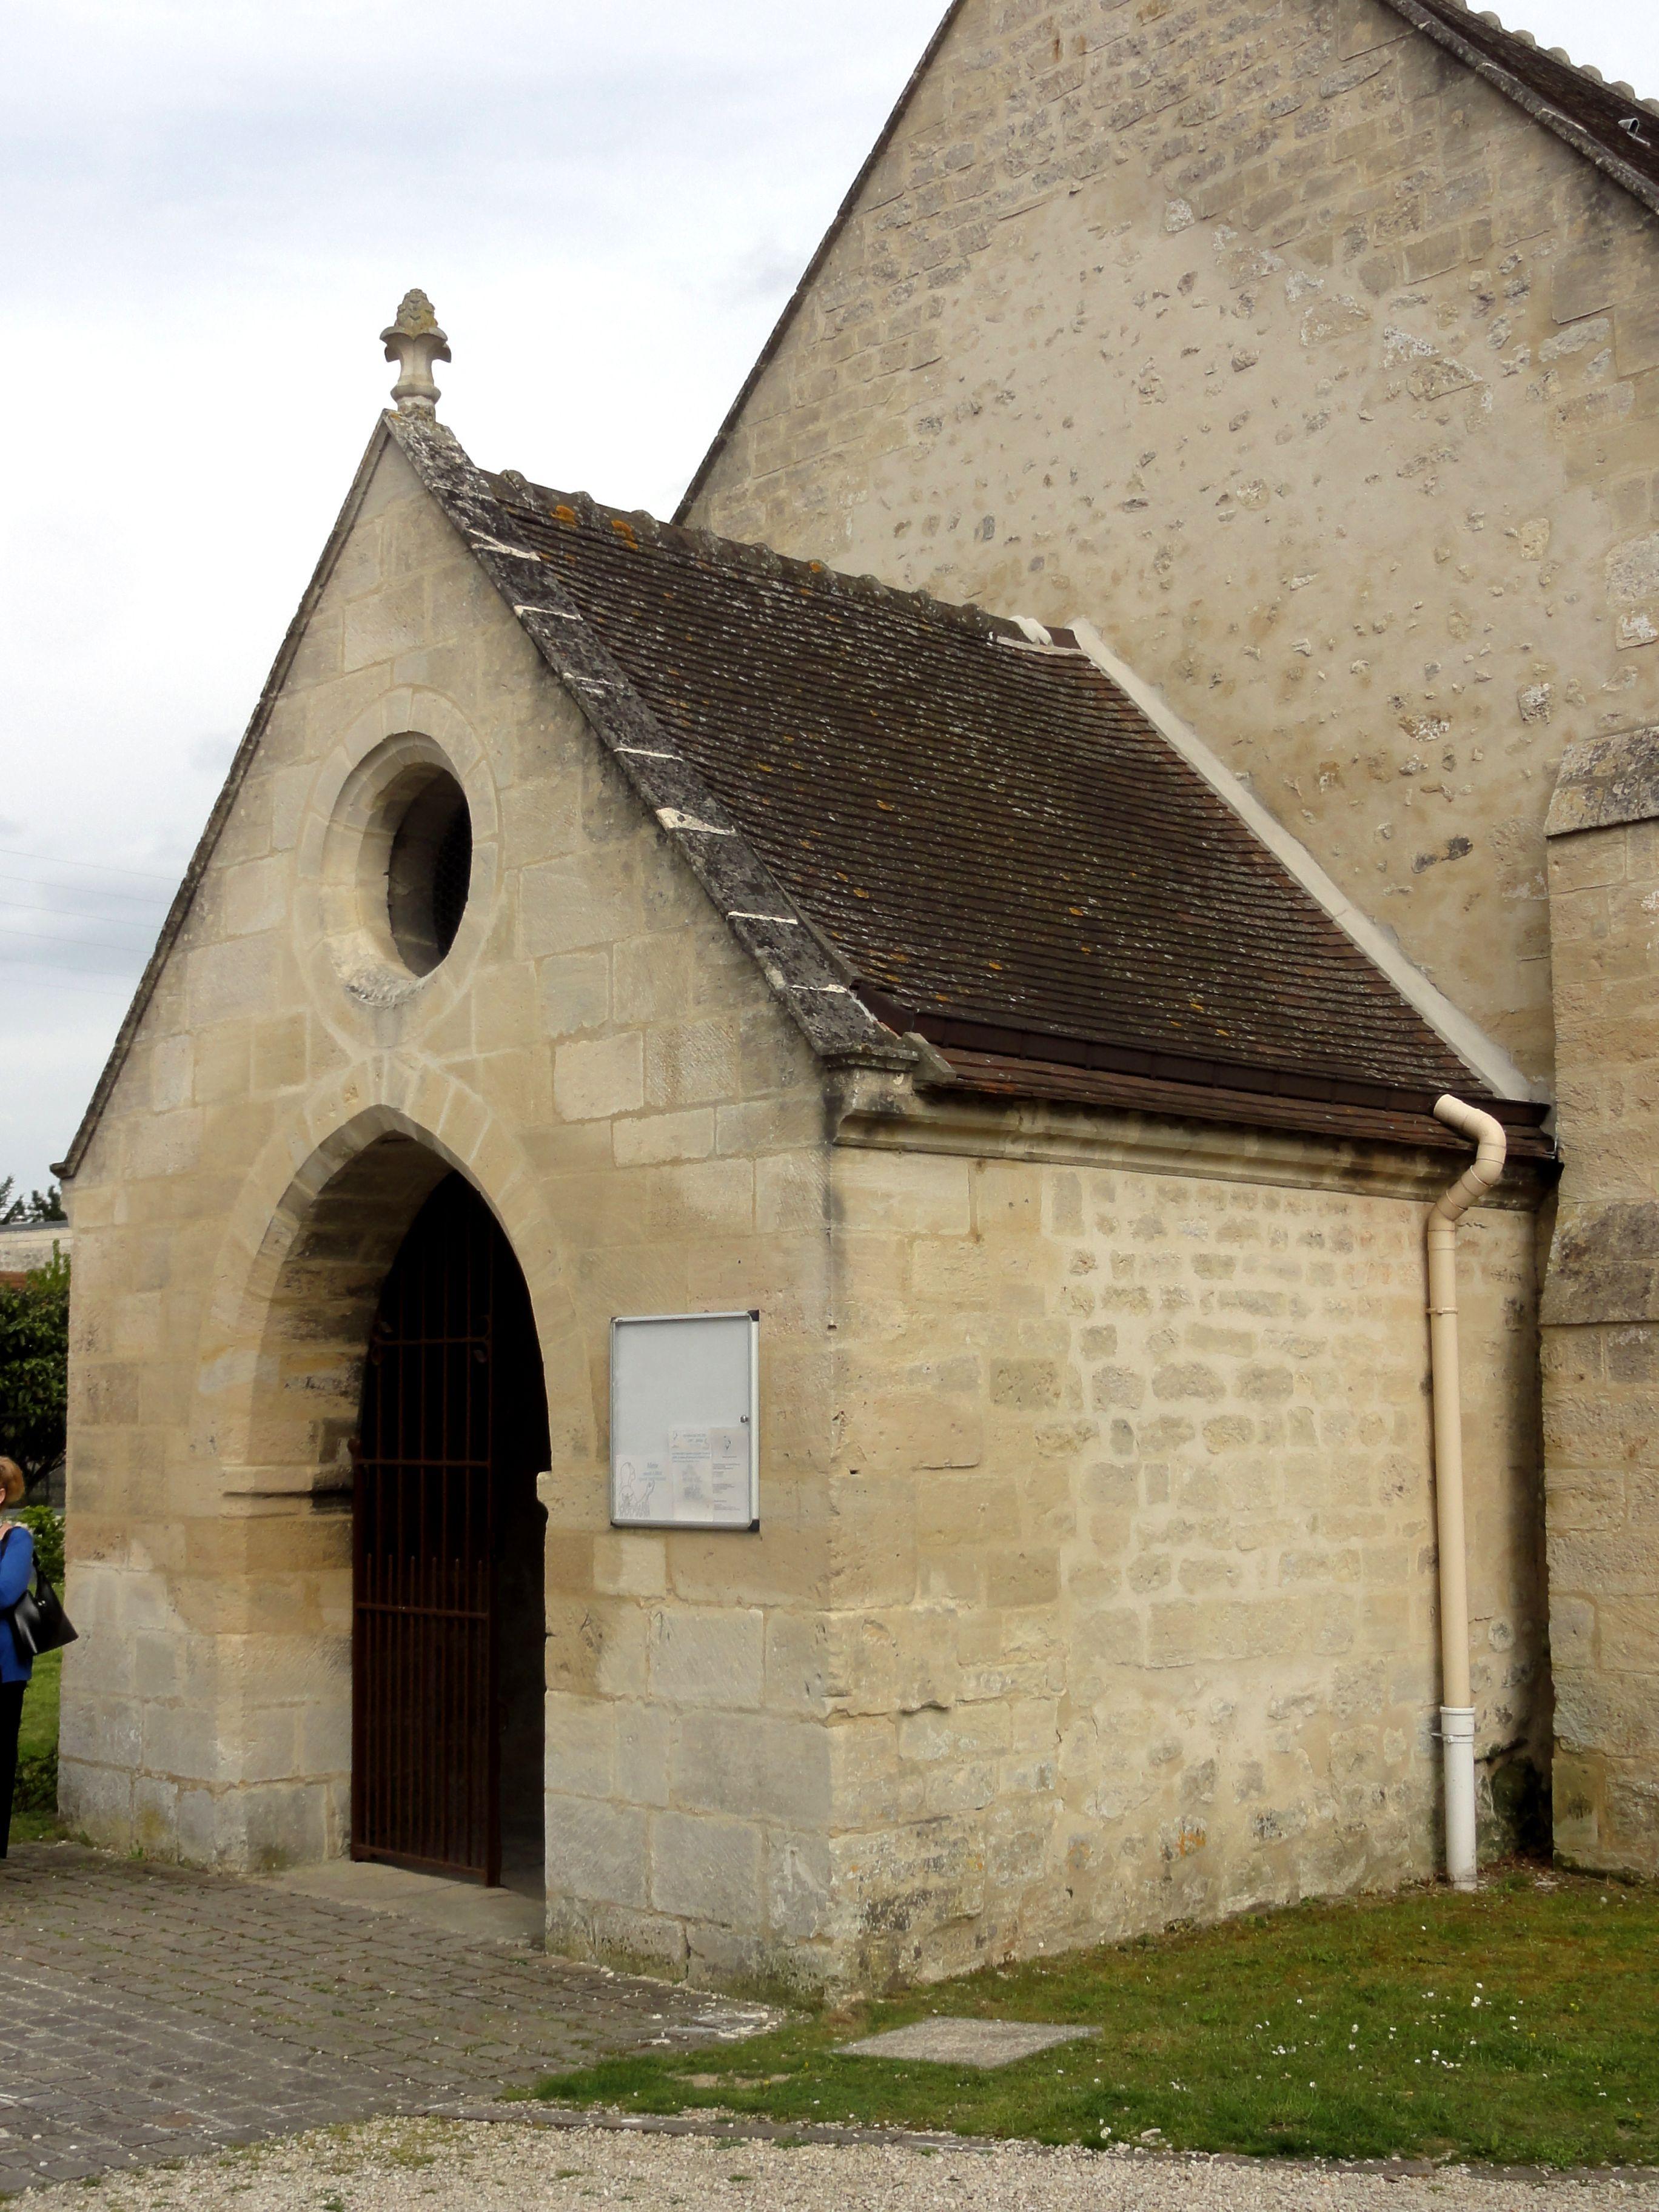 Saint maximin 60 elegant location local duactivits for Garage peugeot saint maximin